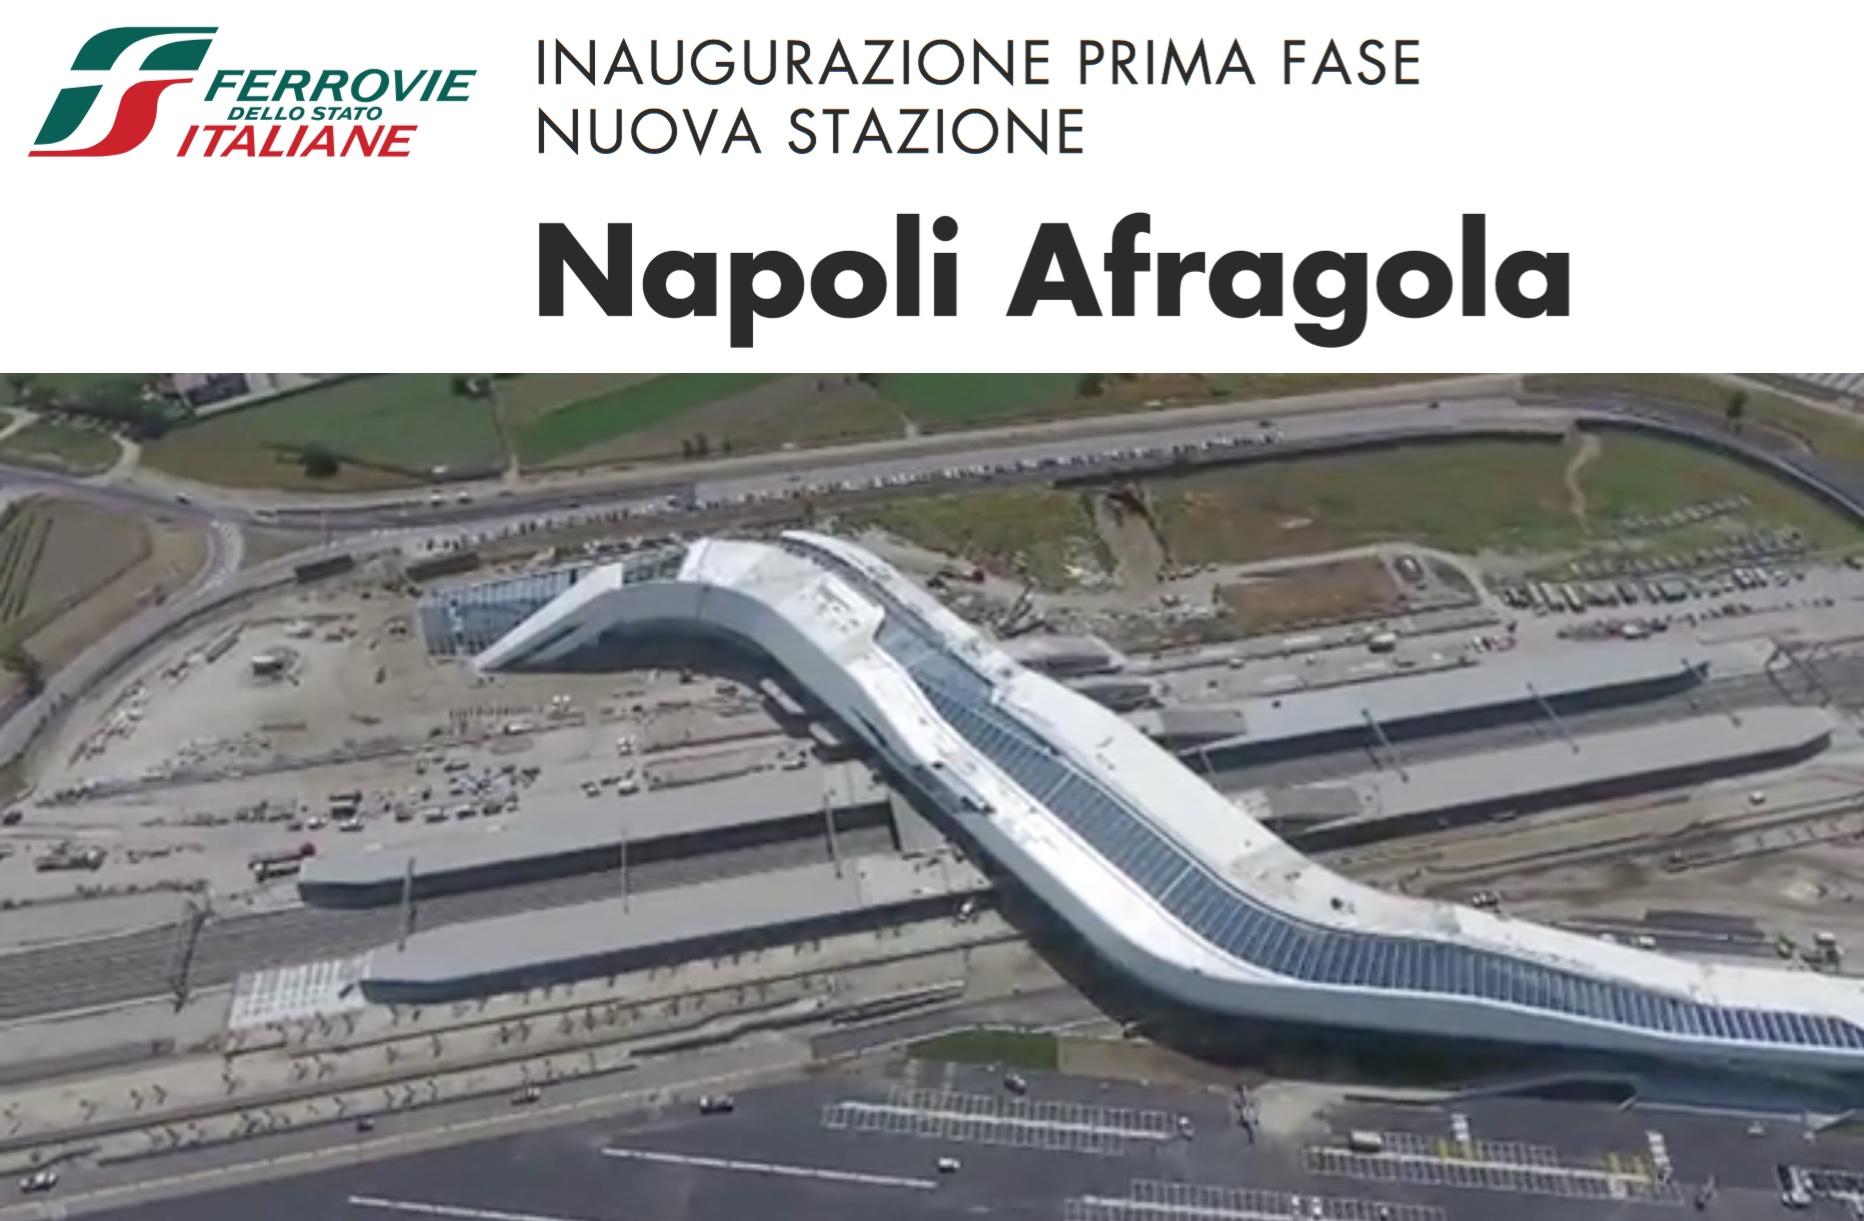 2017.06.08 Il treno e finalmente passato apre la stazione AV di Napoli Afragola